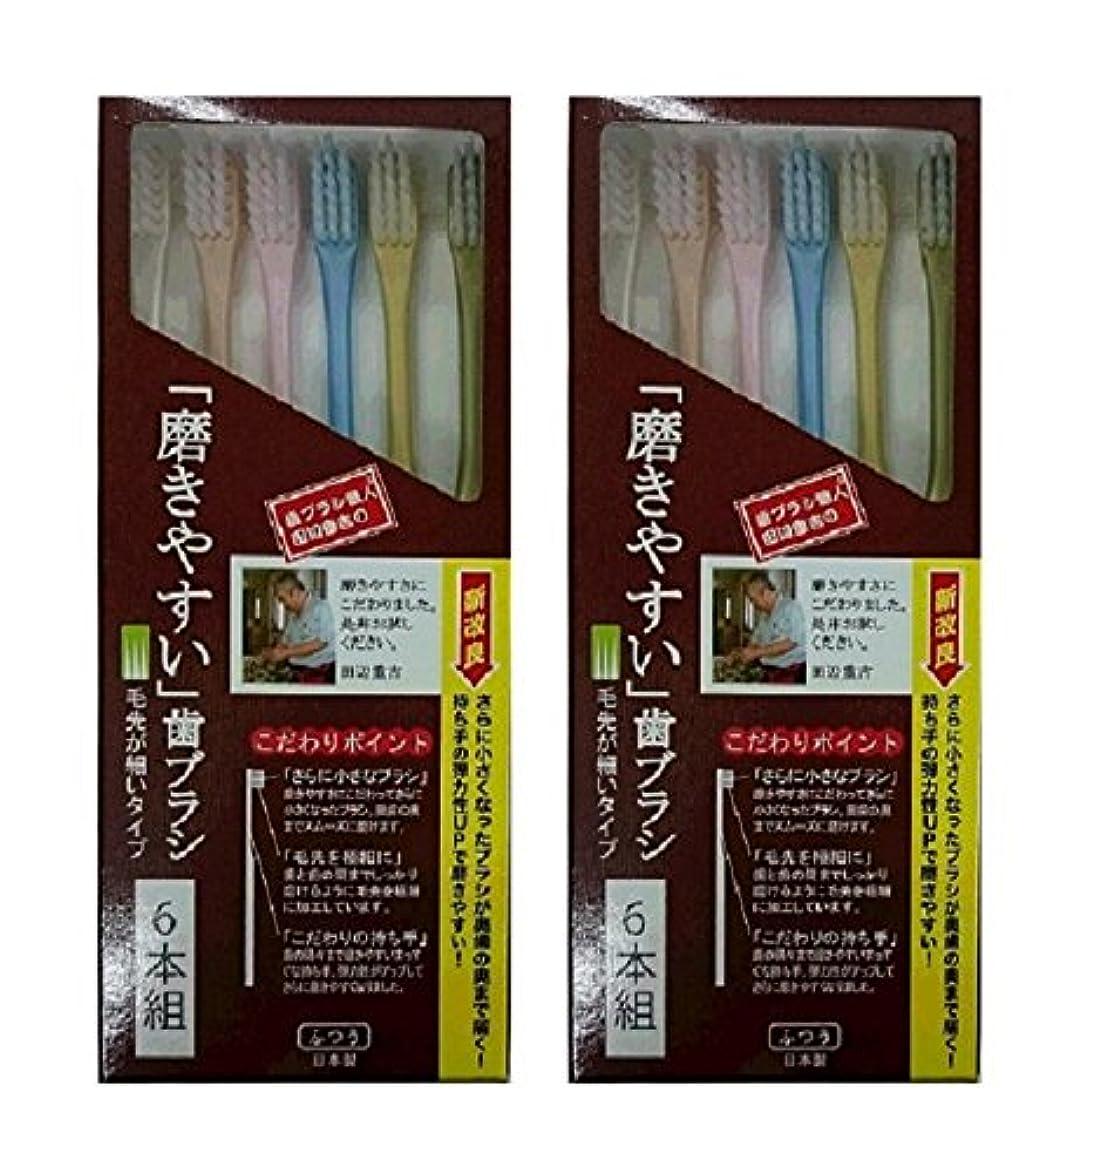 光沢のある評価する視聴者歯ブラシ職人 田辺重吉考案 磨きやすい歯ブラシ 先細 6本組×2個セット